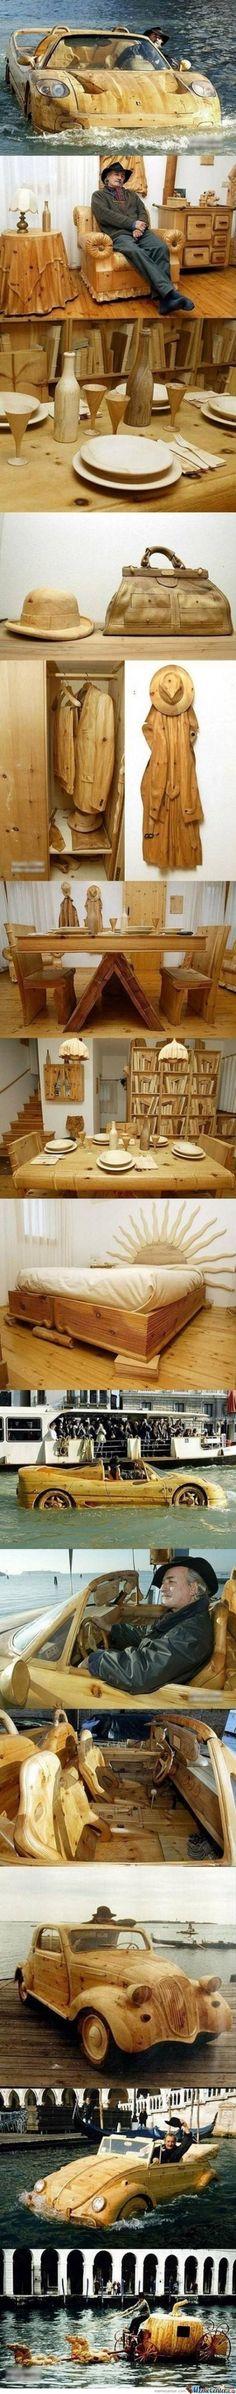 Awesome wood art #Amazing #Wood #Crazy